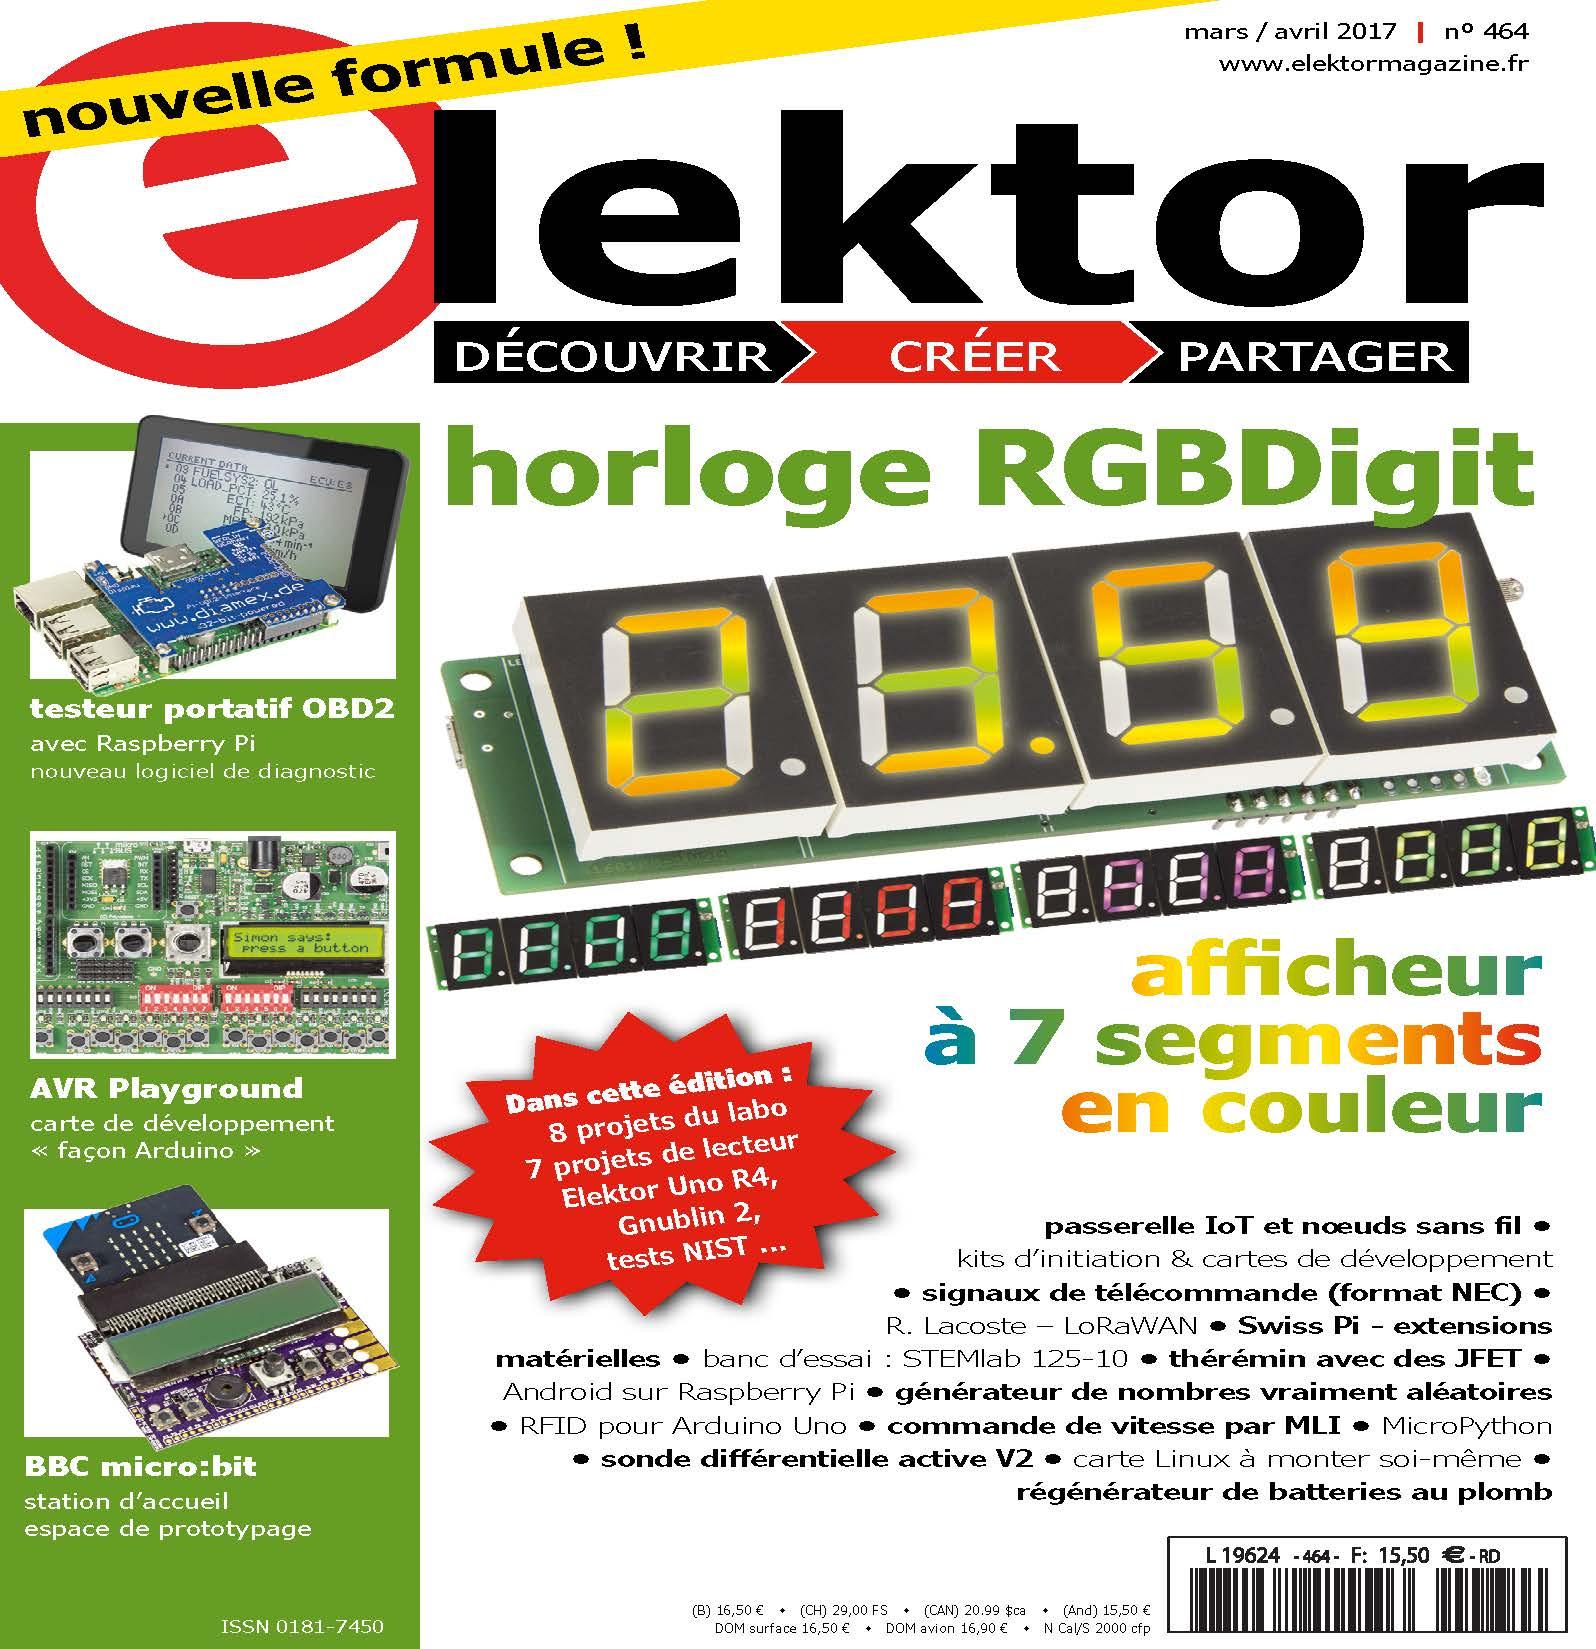 Le nouveau numéro d'Elektor (mars-avril)